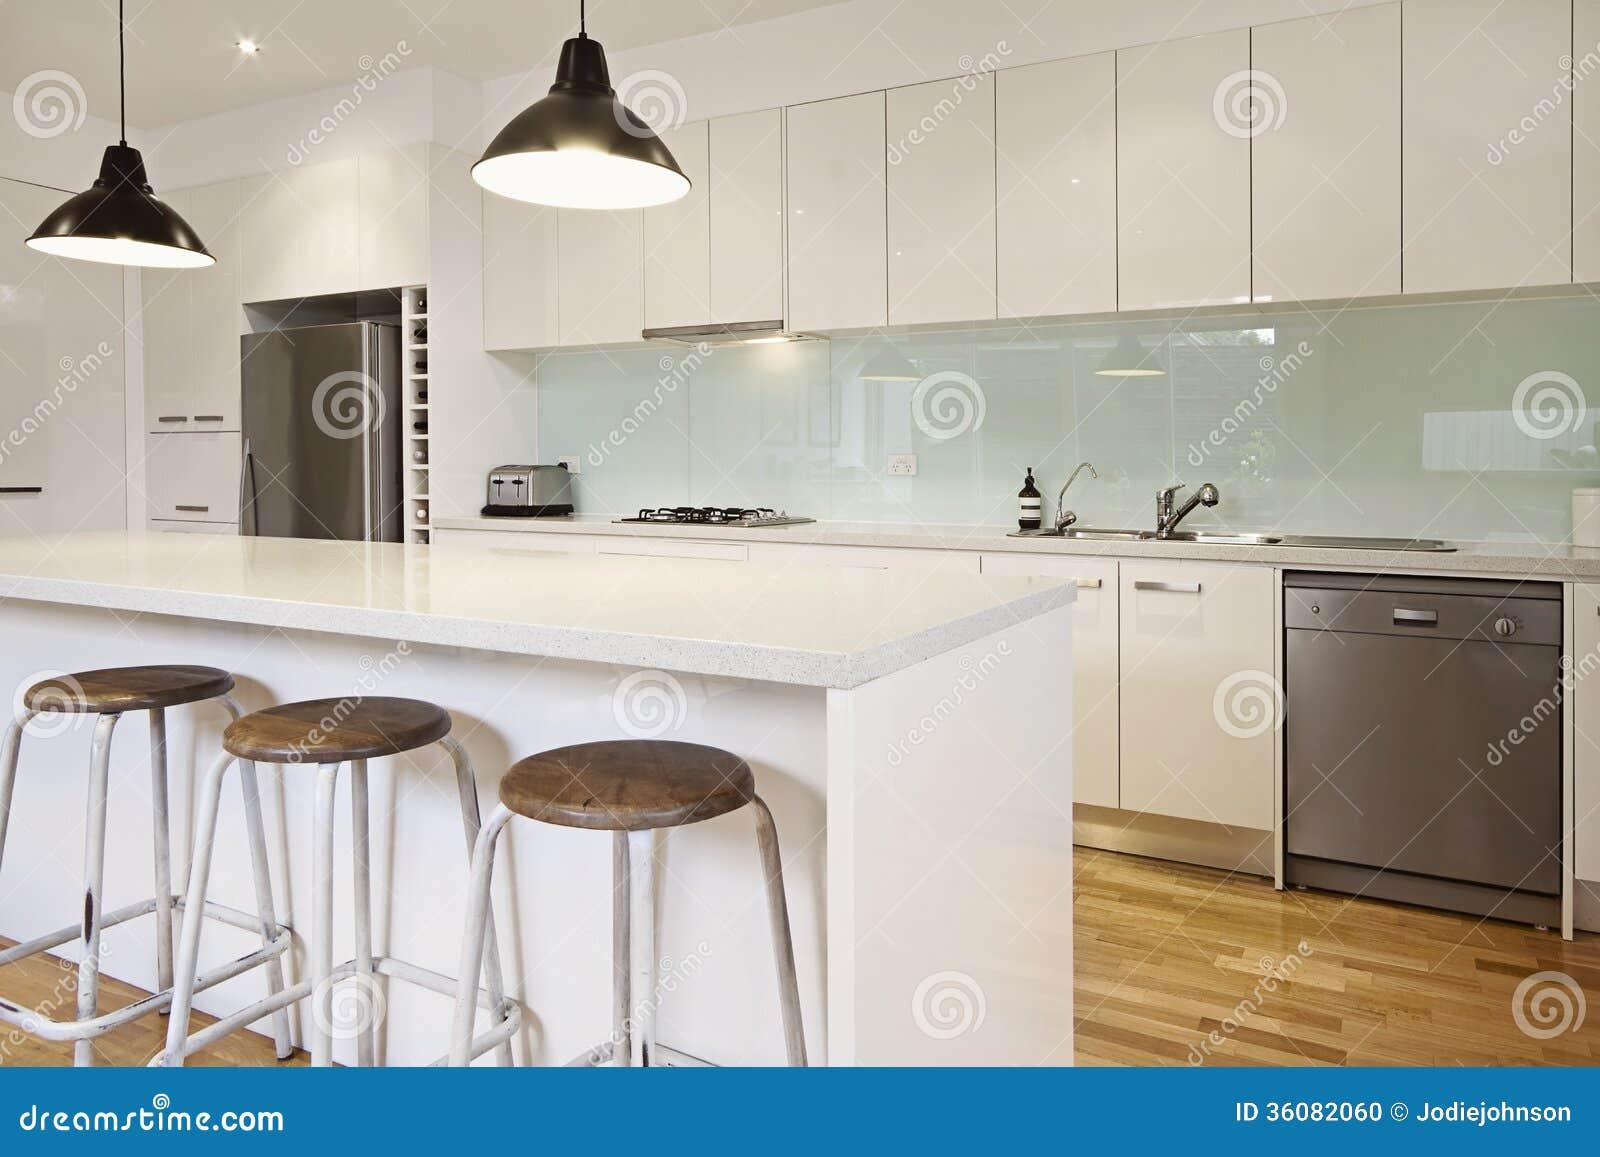 Cozinha Contempor Nea Branca Com Ilha Foto De Stock Imagem De